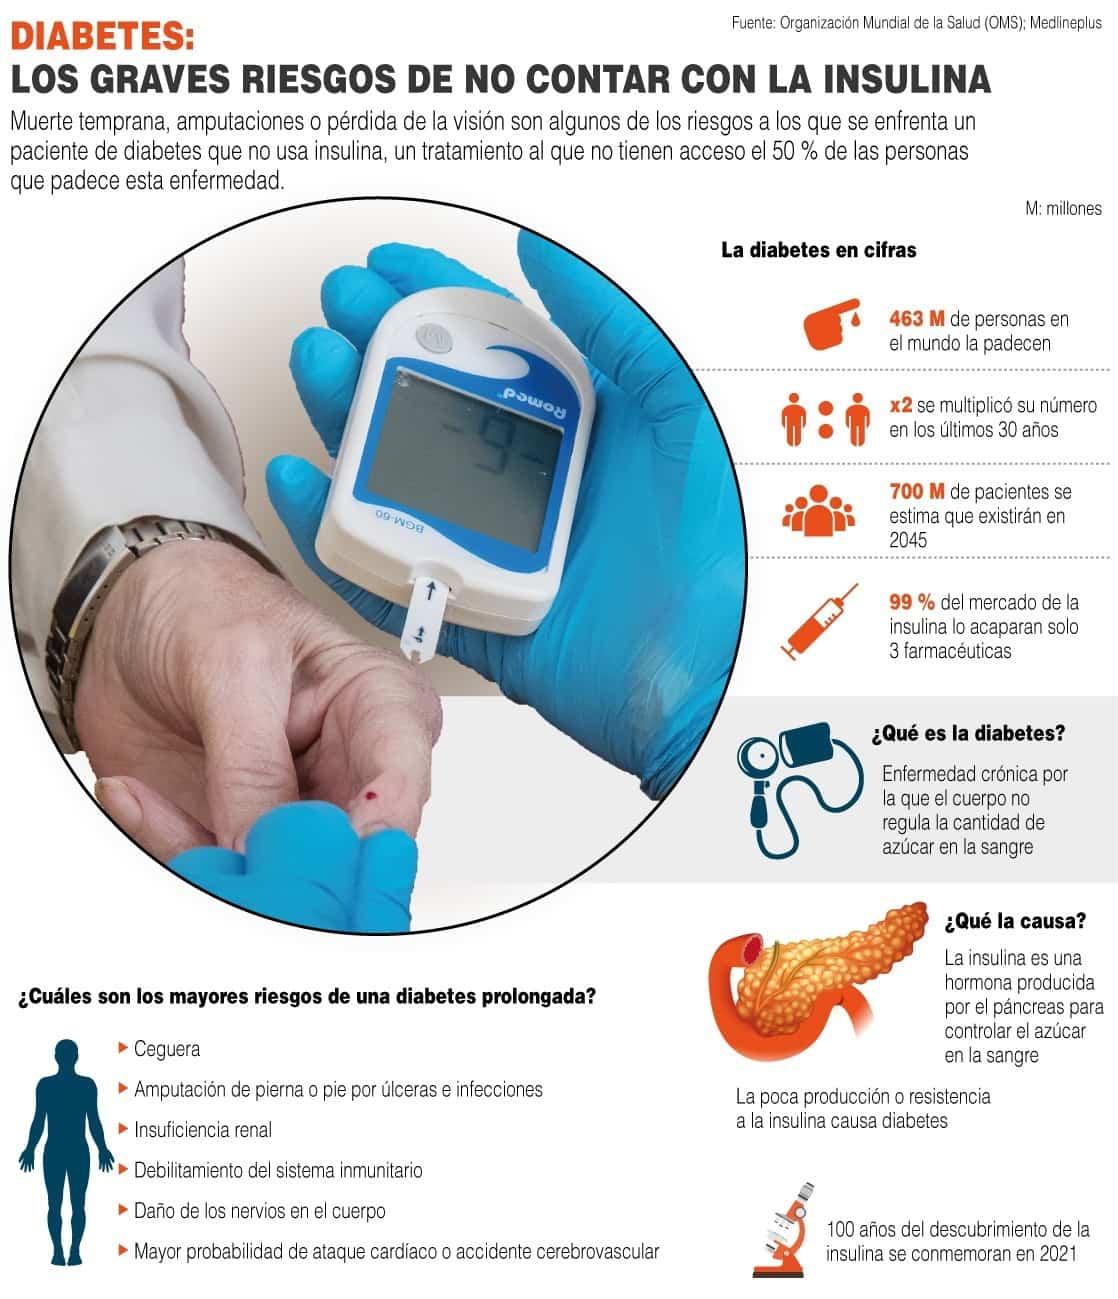 [Infografía] - Diabetes: Los graves riesgos de no contar con la insulina 1